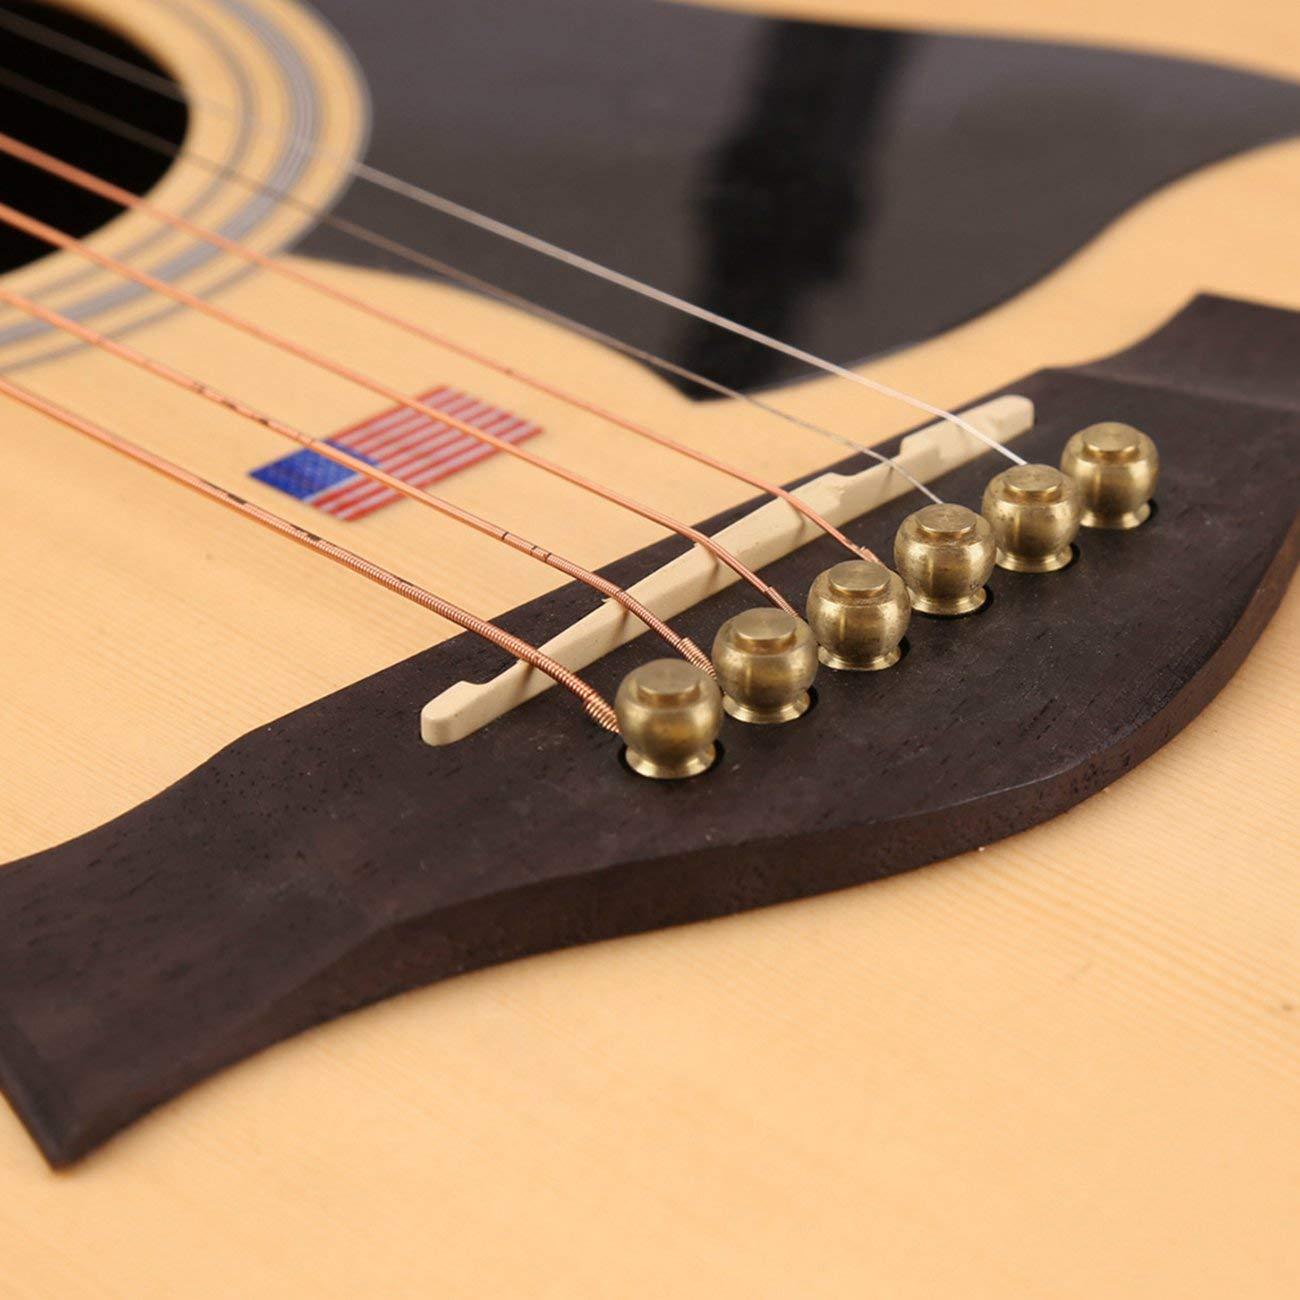 Fannty Cobre amarillo 29.5 5.1Mm 6 piezas Pines de puente de lat/ón macizo para cuerdas de guitarra ac/ústica Accesorios Diy Env/ío gratis 8